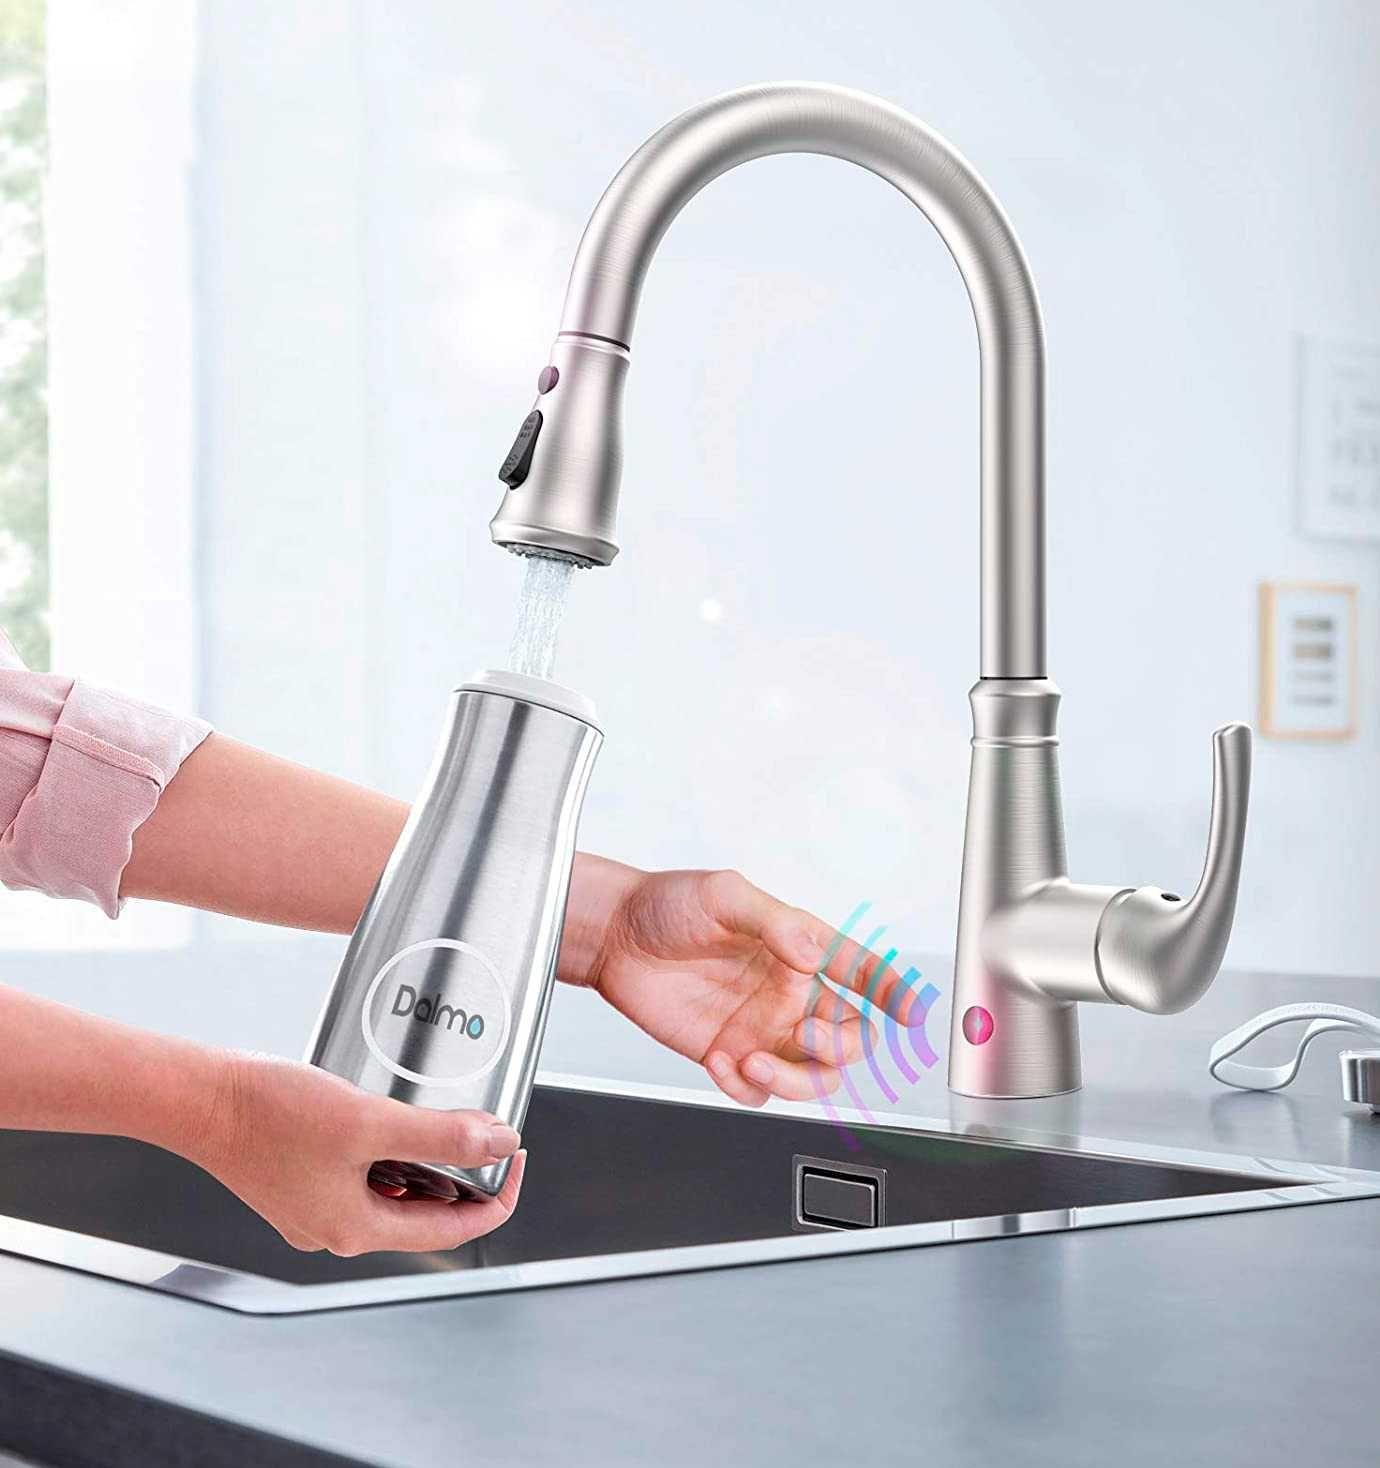 Сенсорный смеситель кухонный с датчиком Dalmo DAKF5F для кухни